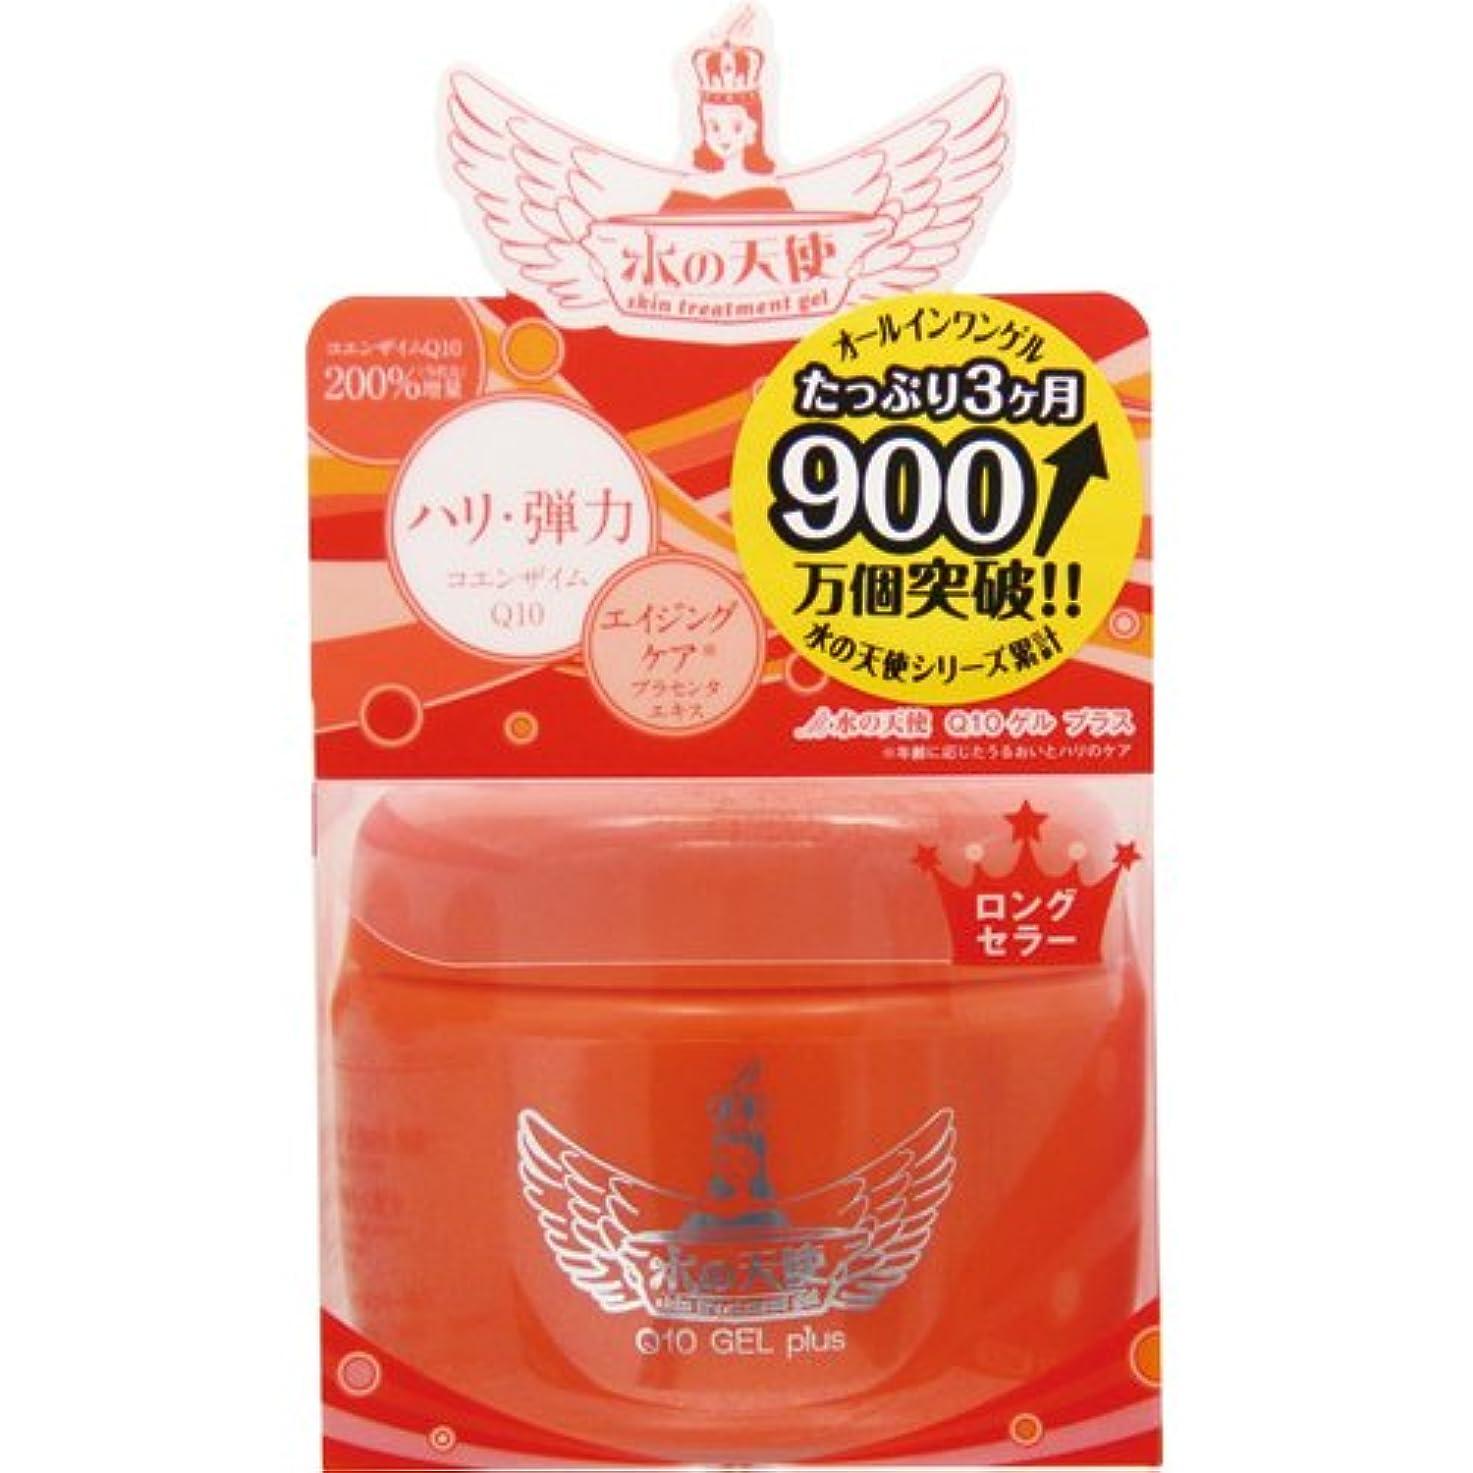 の量素晴らしきフォーク水の天使 Q10ゲルプラス 150g